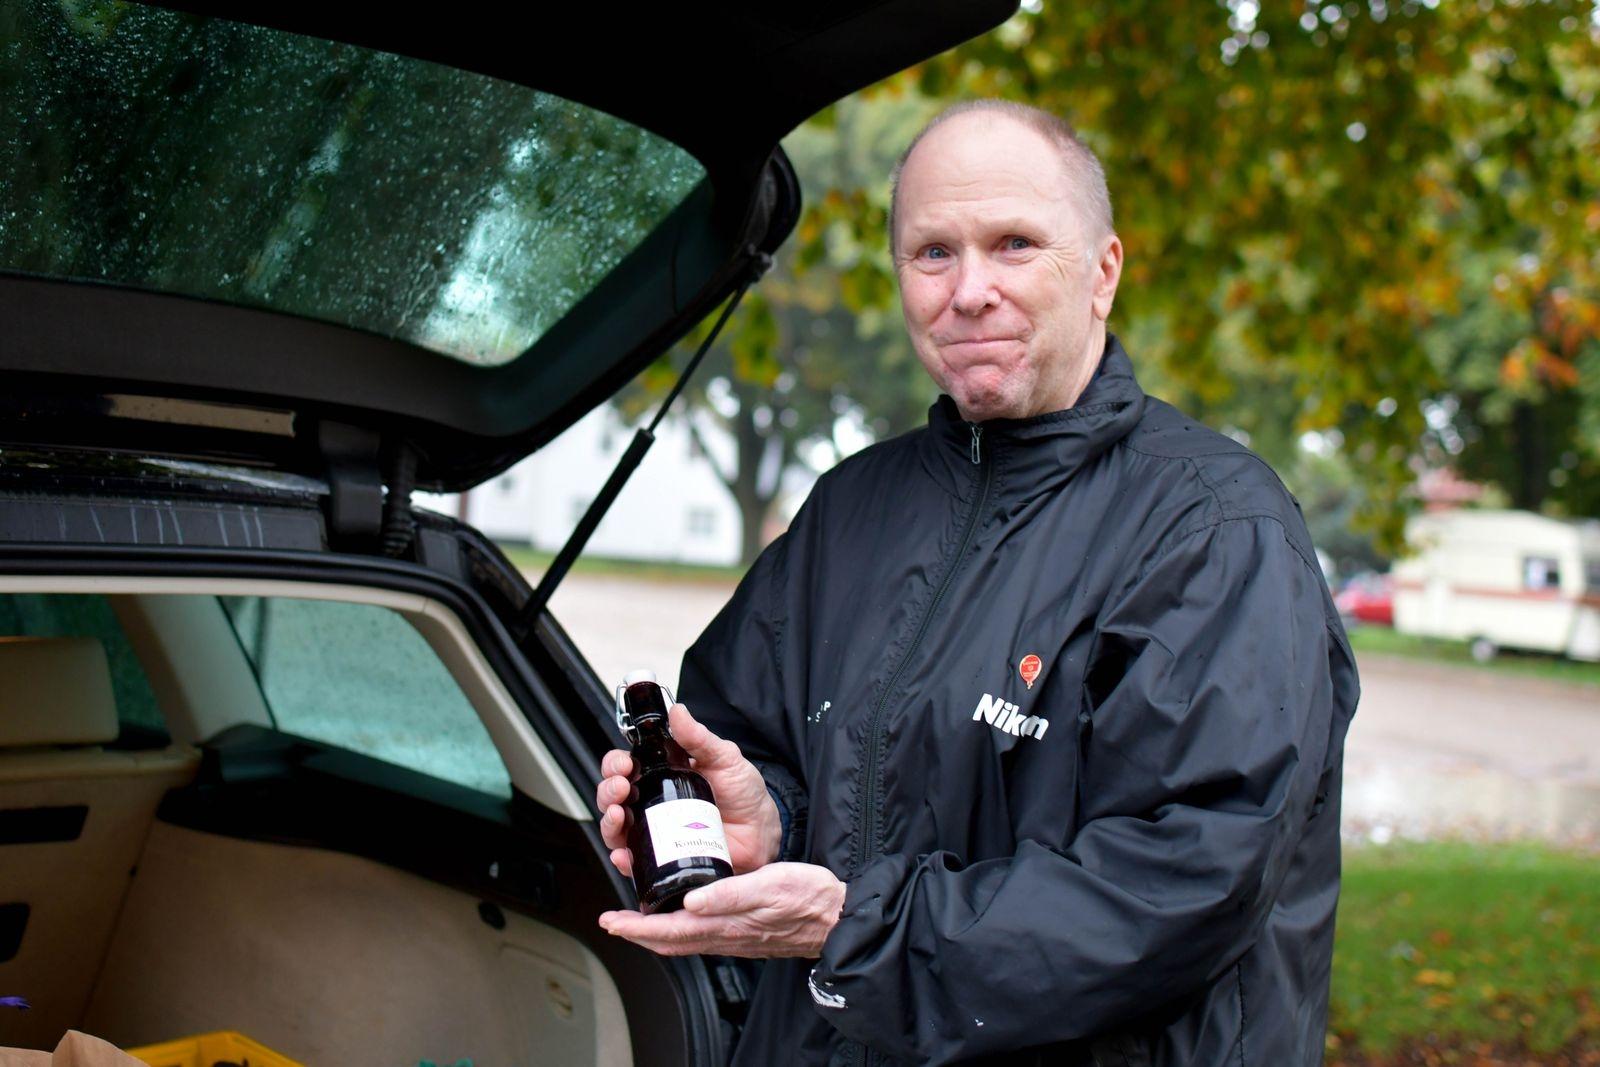 Figge Bergquist vikarierar för Mona Nihlén som driver Baravara och erbjuder såväl kombucha producerad i Tomelilla, som bivaxdukar av vax från lokala biodlare.